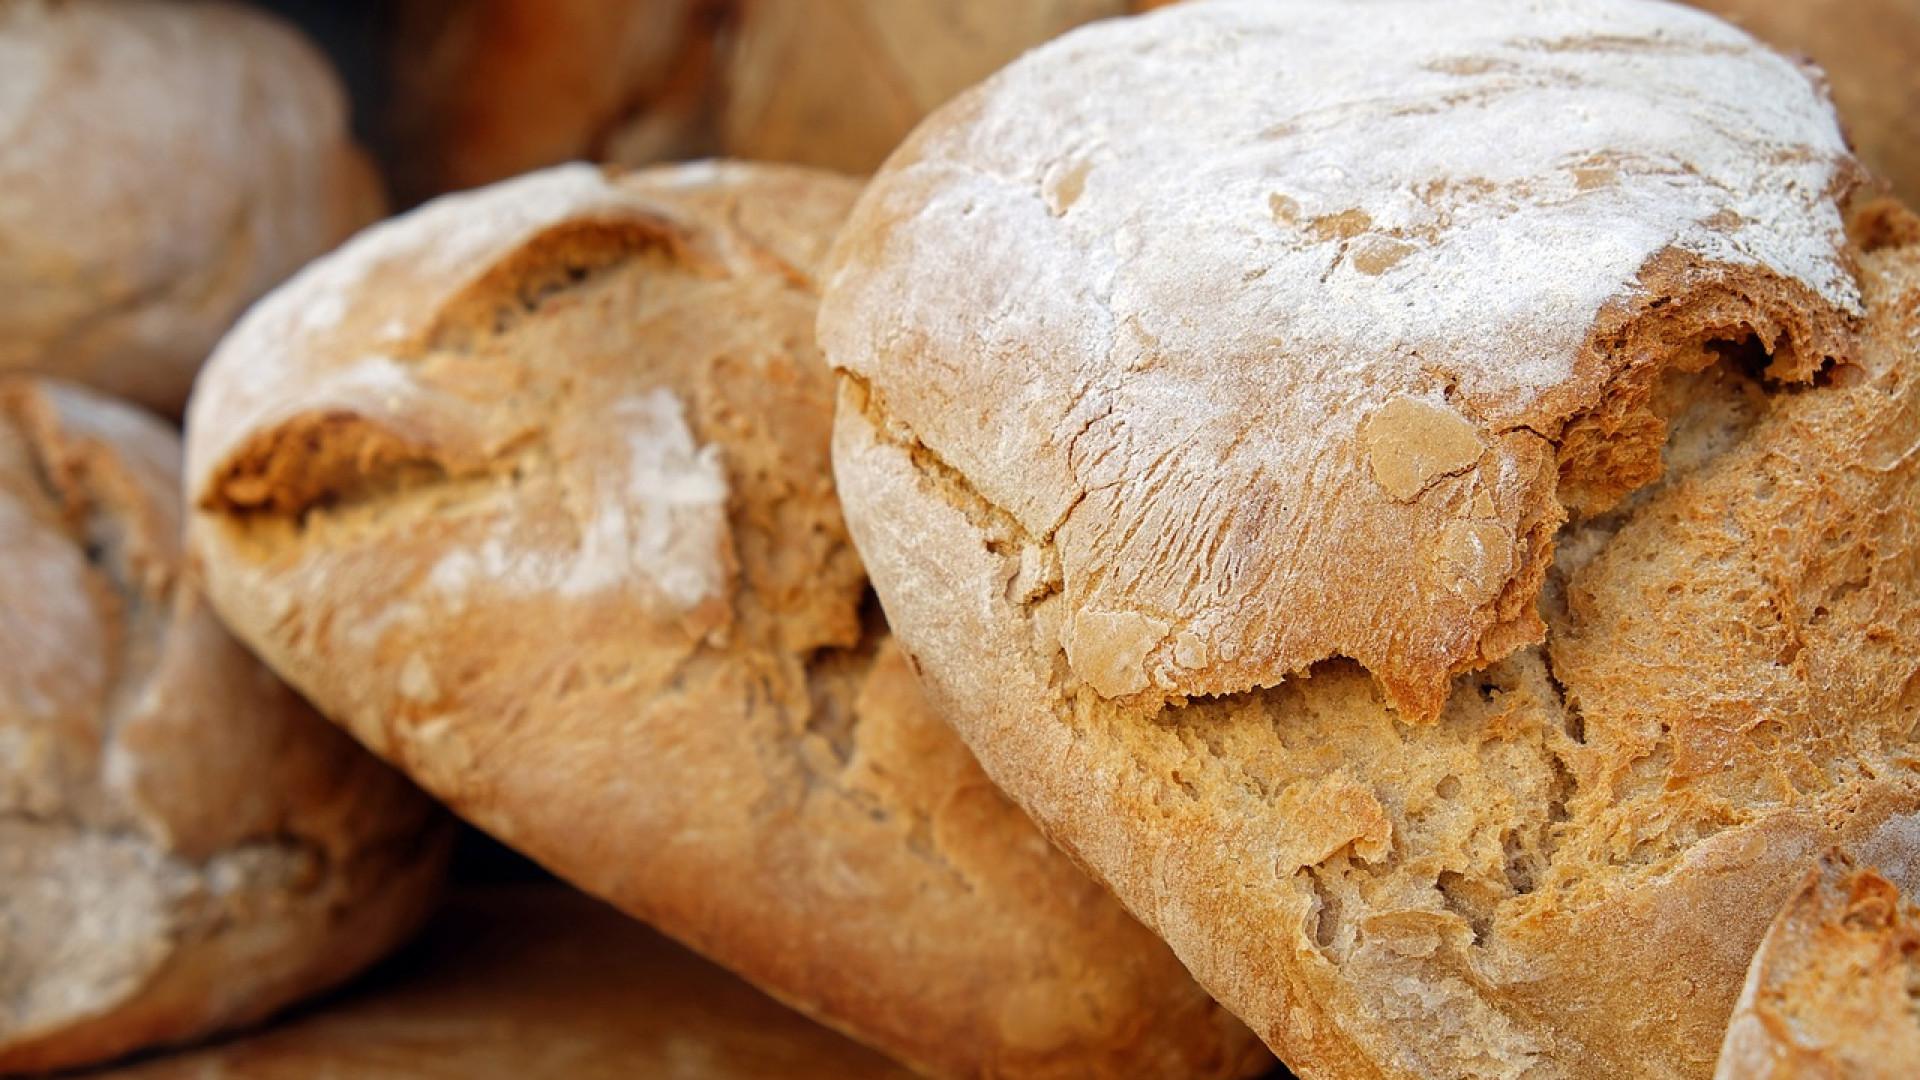 Le robot pétrin, un plus pour réussir votre pain maison.